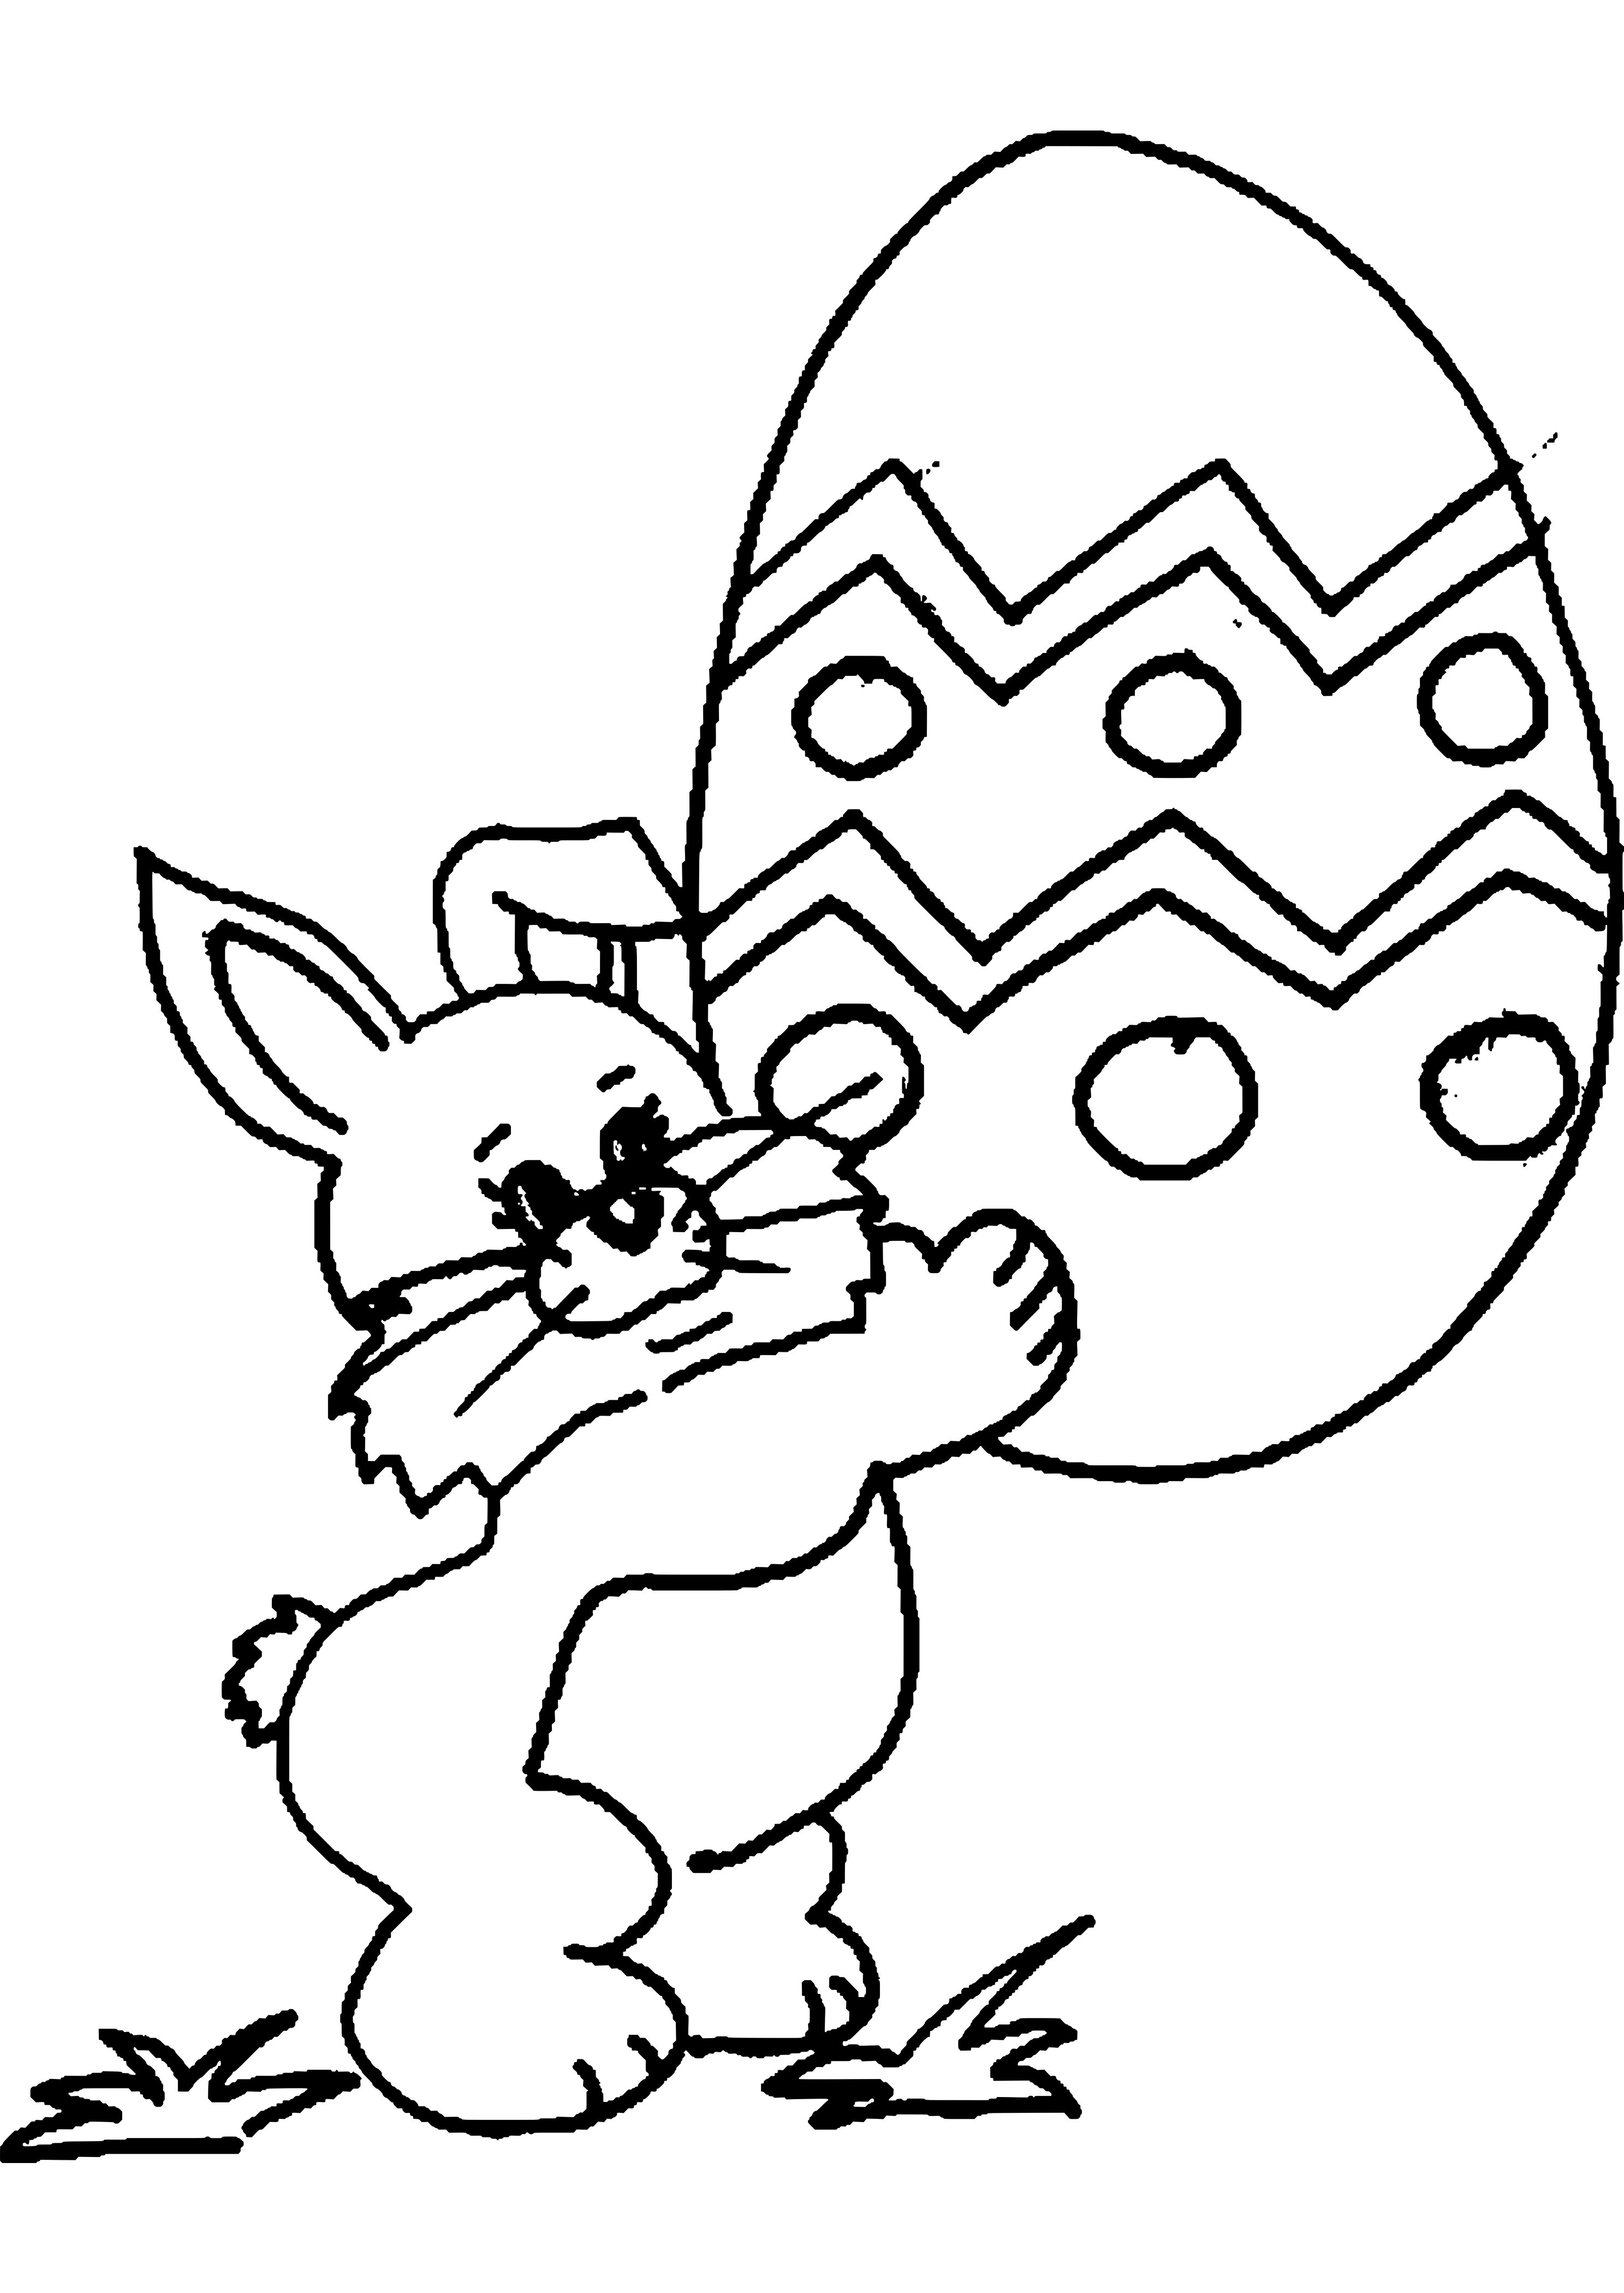 Frohe Ostern Bilder Zum Ausmalen Inspirierend Malvorlagen Frohe Ostern Zum Drucken Schön Frohe Ostern Ausmalbilder Bilder